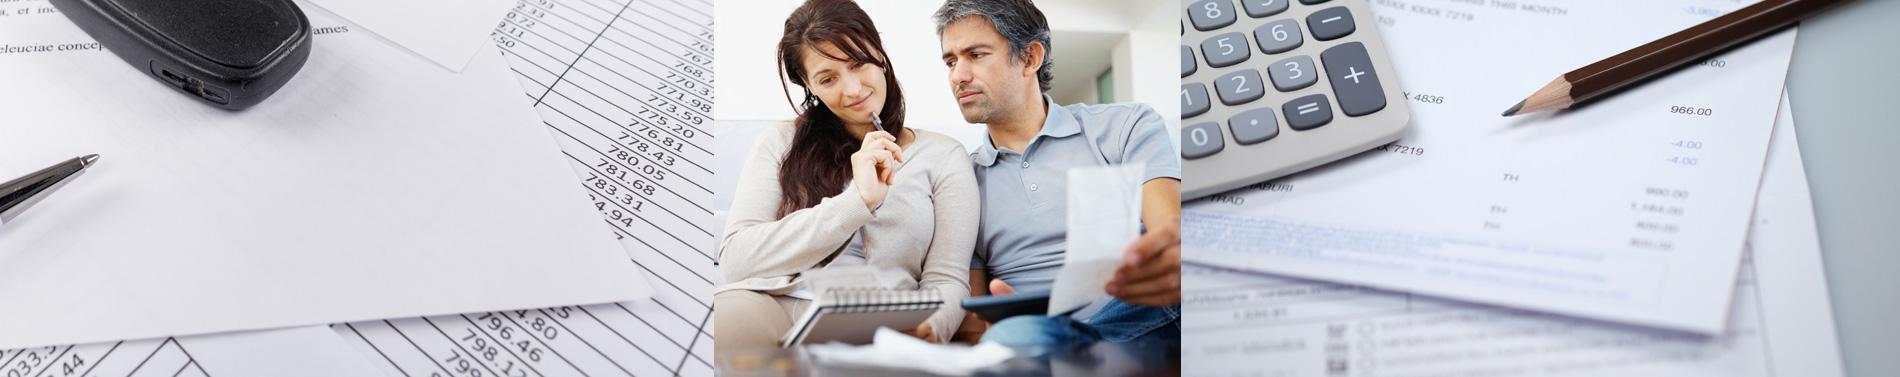 Crédit hypothécaire simulation